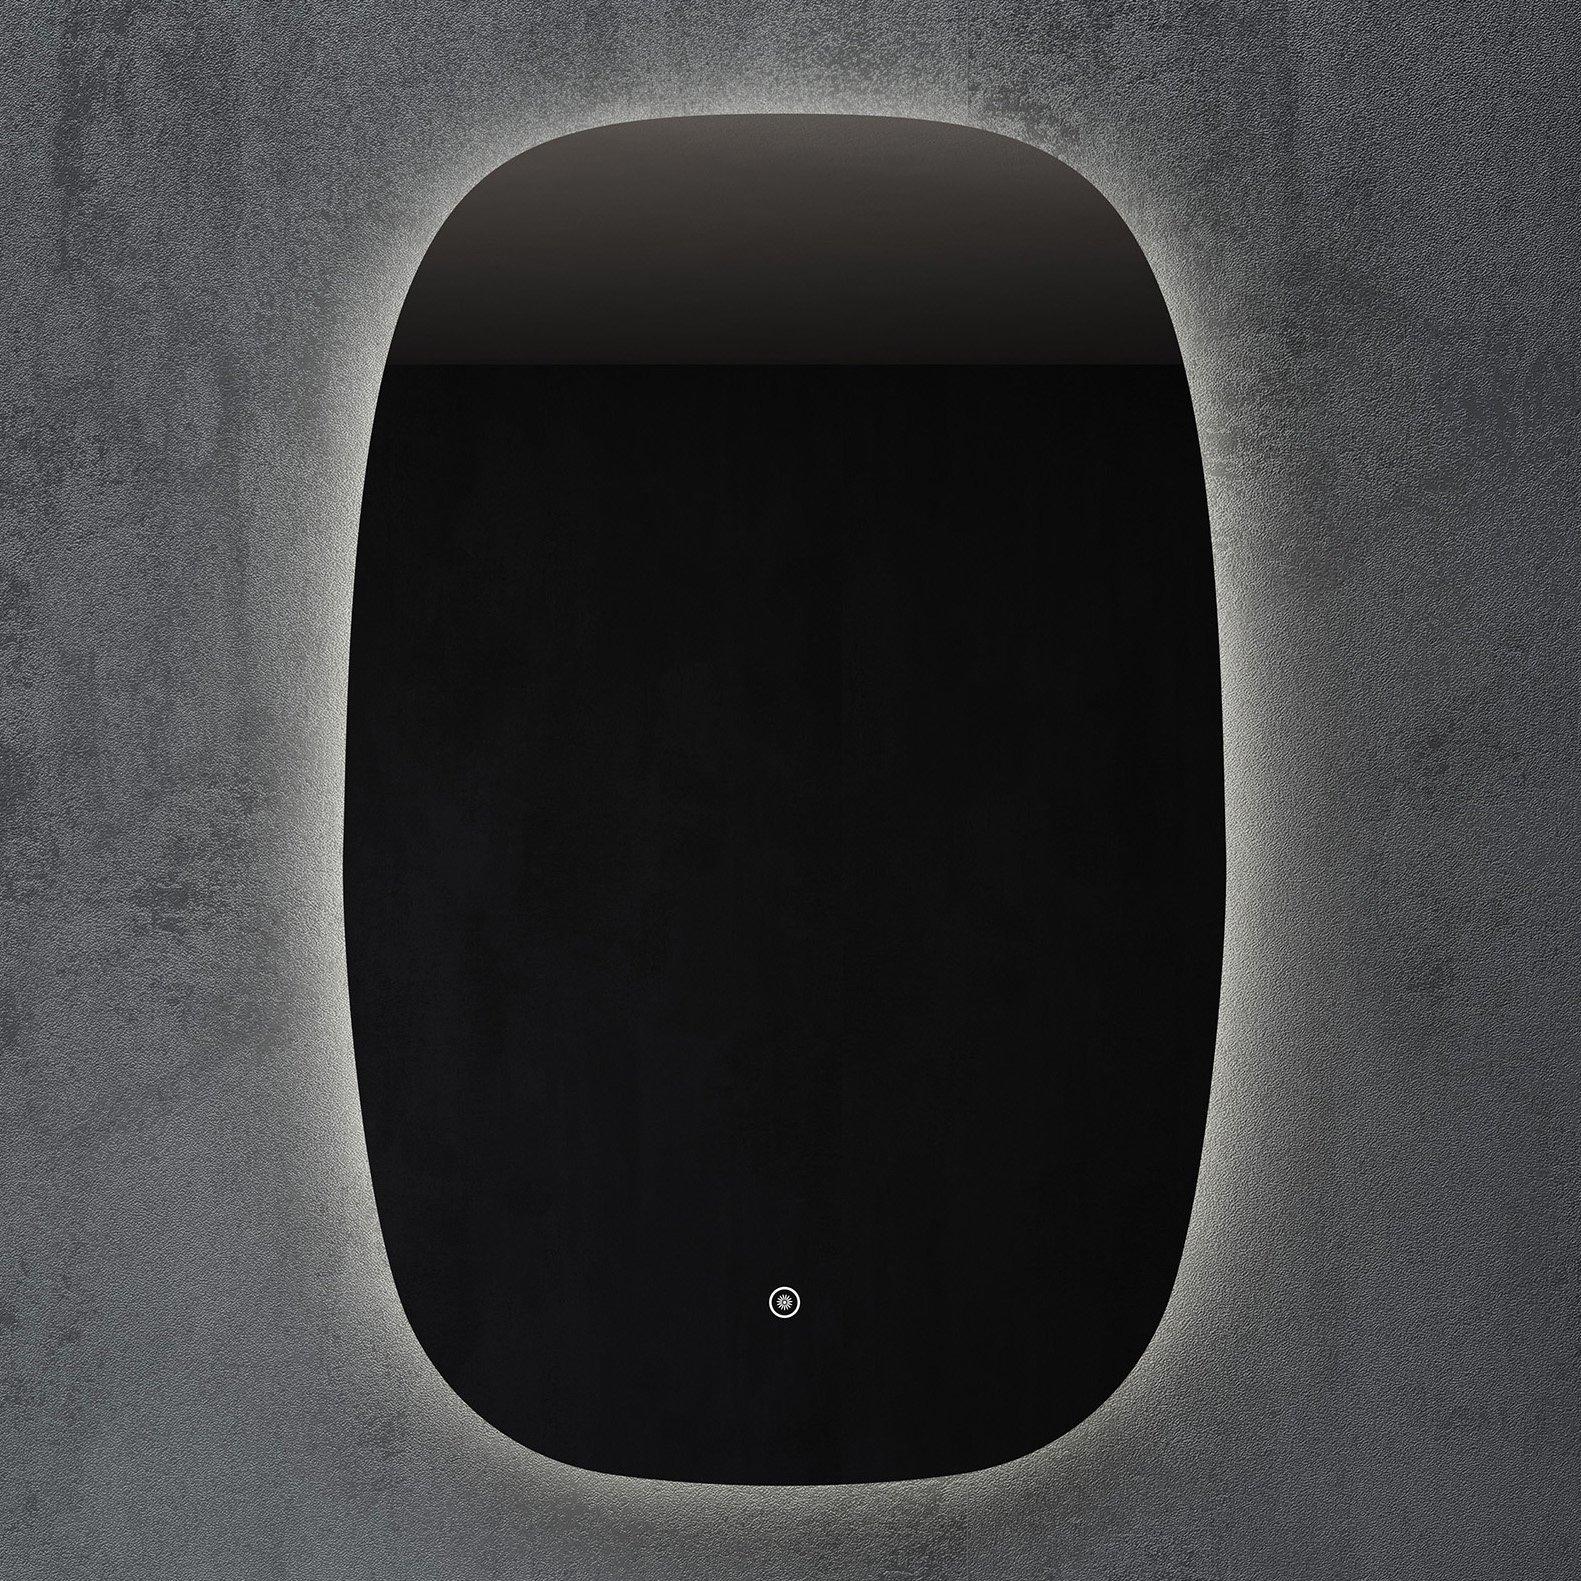 LED Lichtspiegel Badspiegel INALCO mit Spiegelheizung - 58 x 90 cm